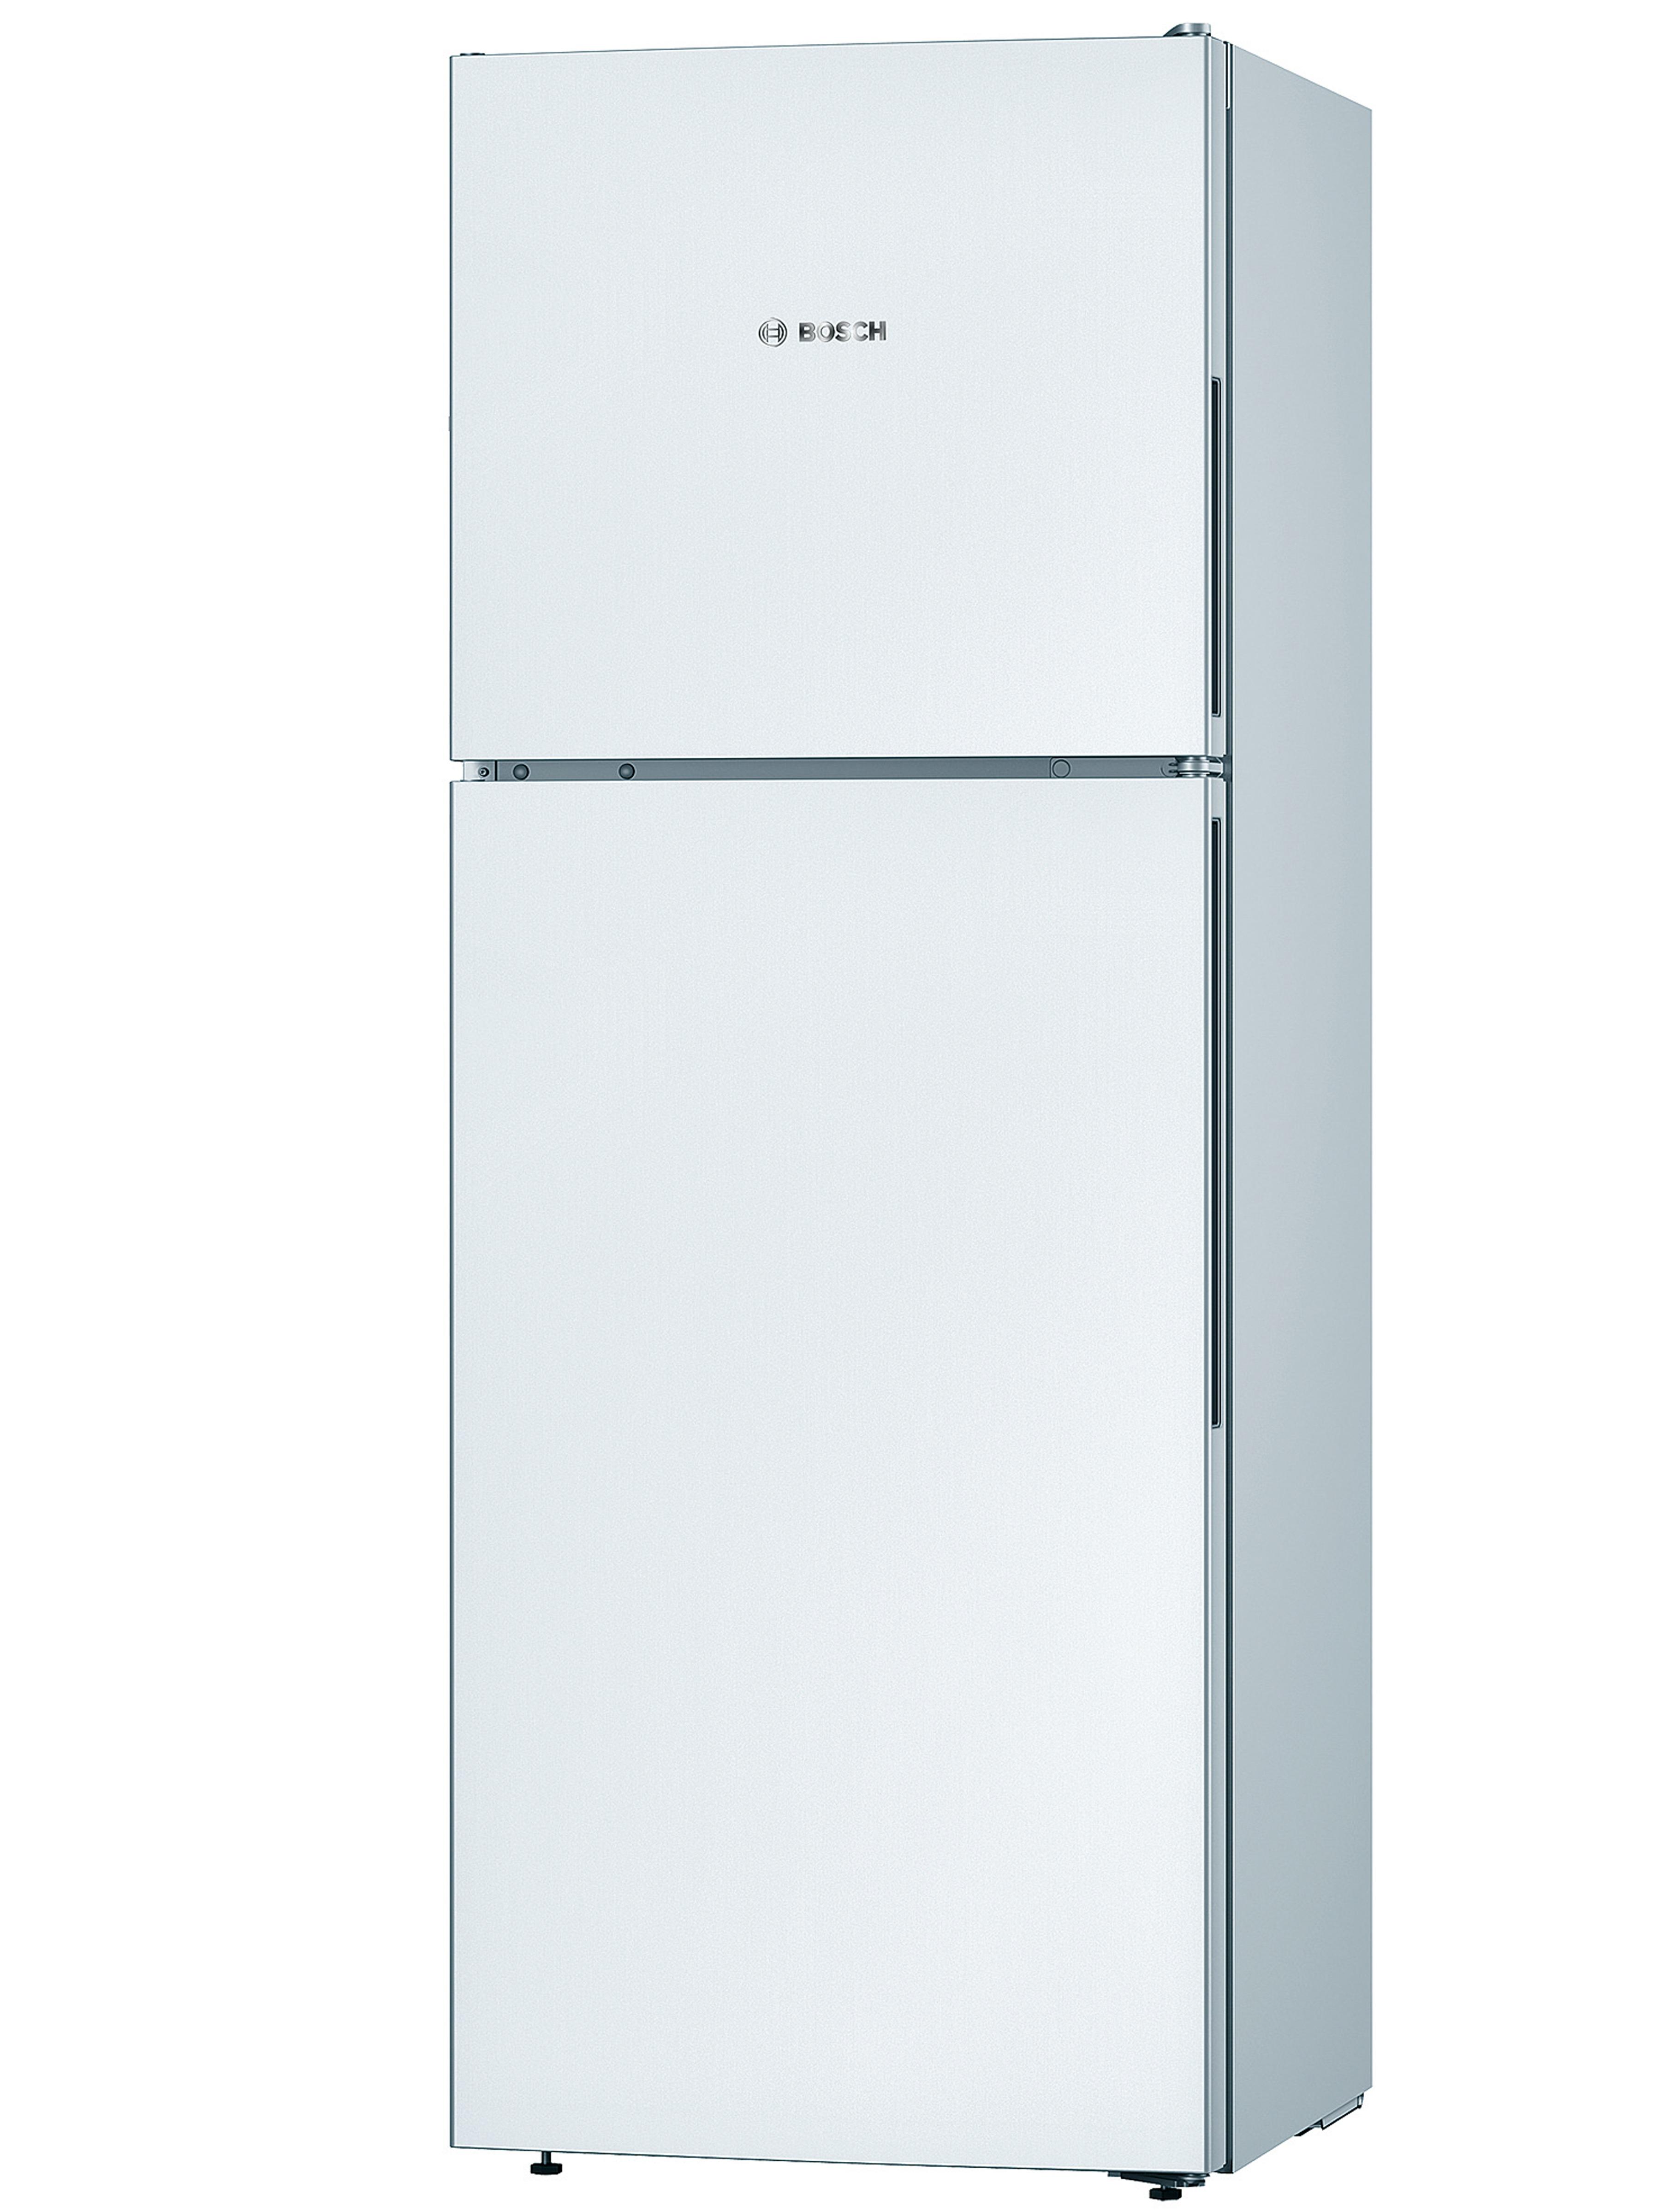 Bosch koelkast met vriesvak KDV29VW30 - Prijsvergelijk